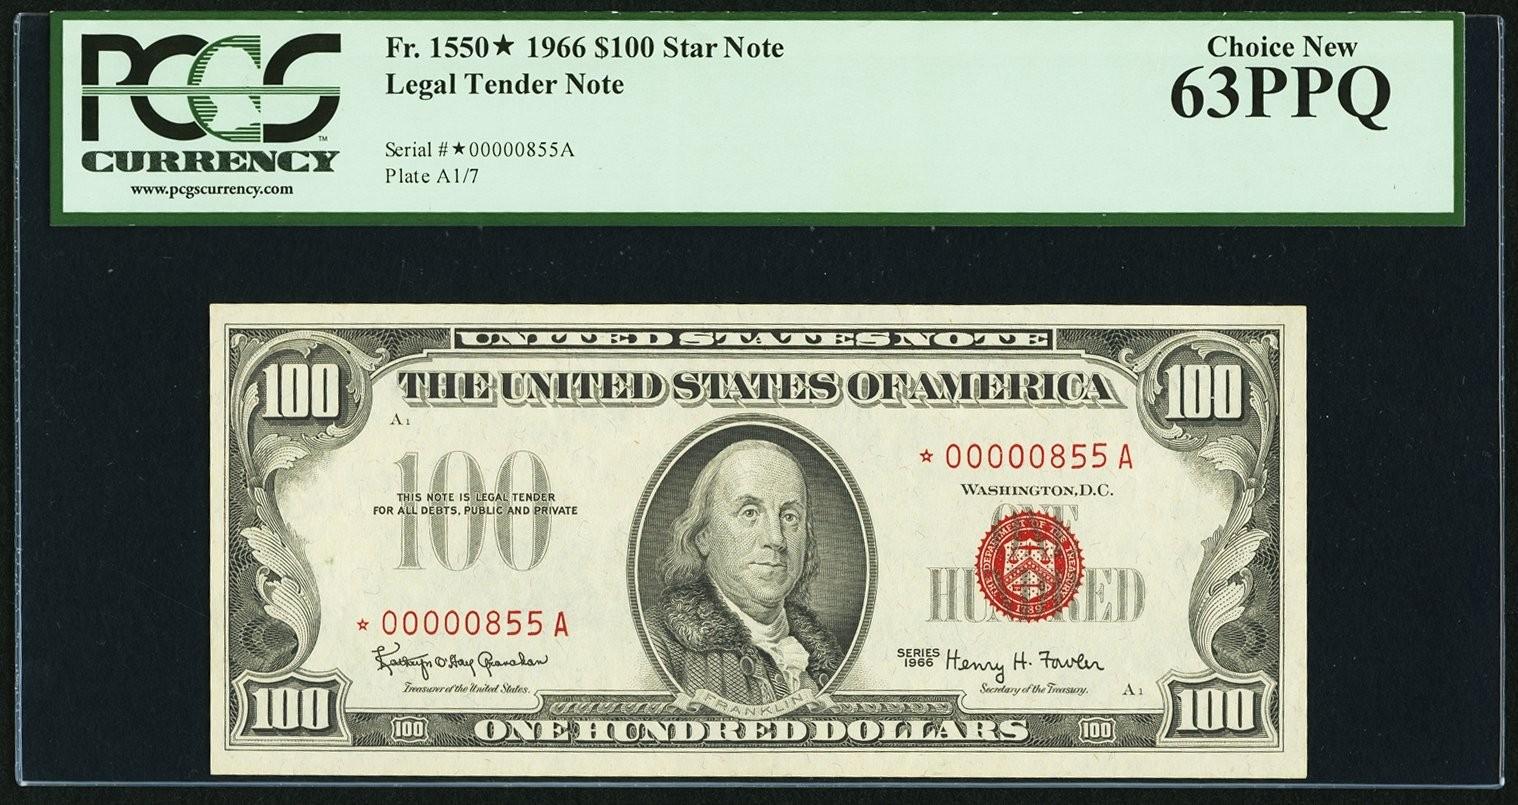 Low Serial Number 00000855A Fr. 1550 $100 1966 Legal Tender Star Note..jpg